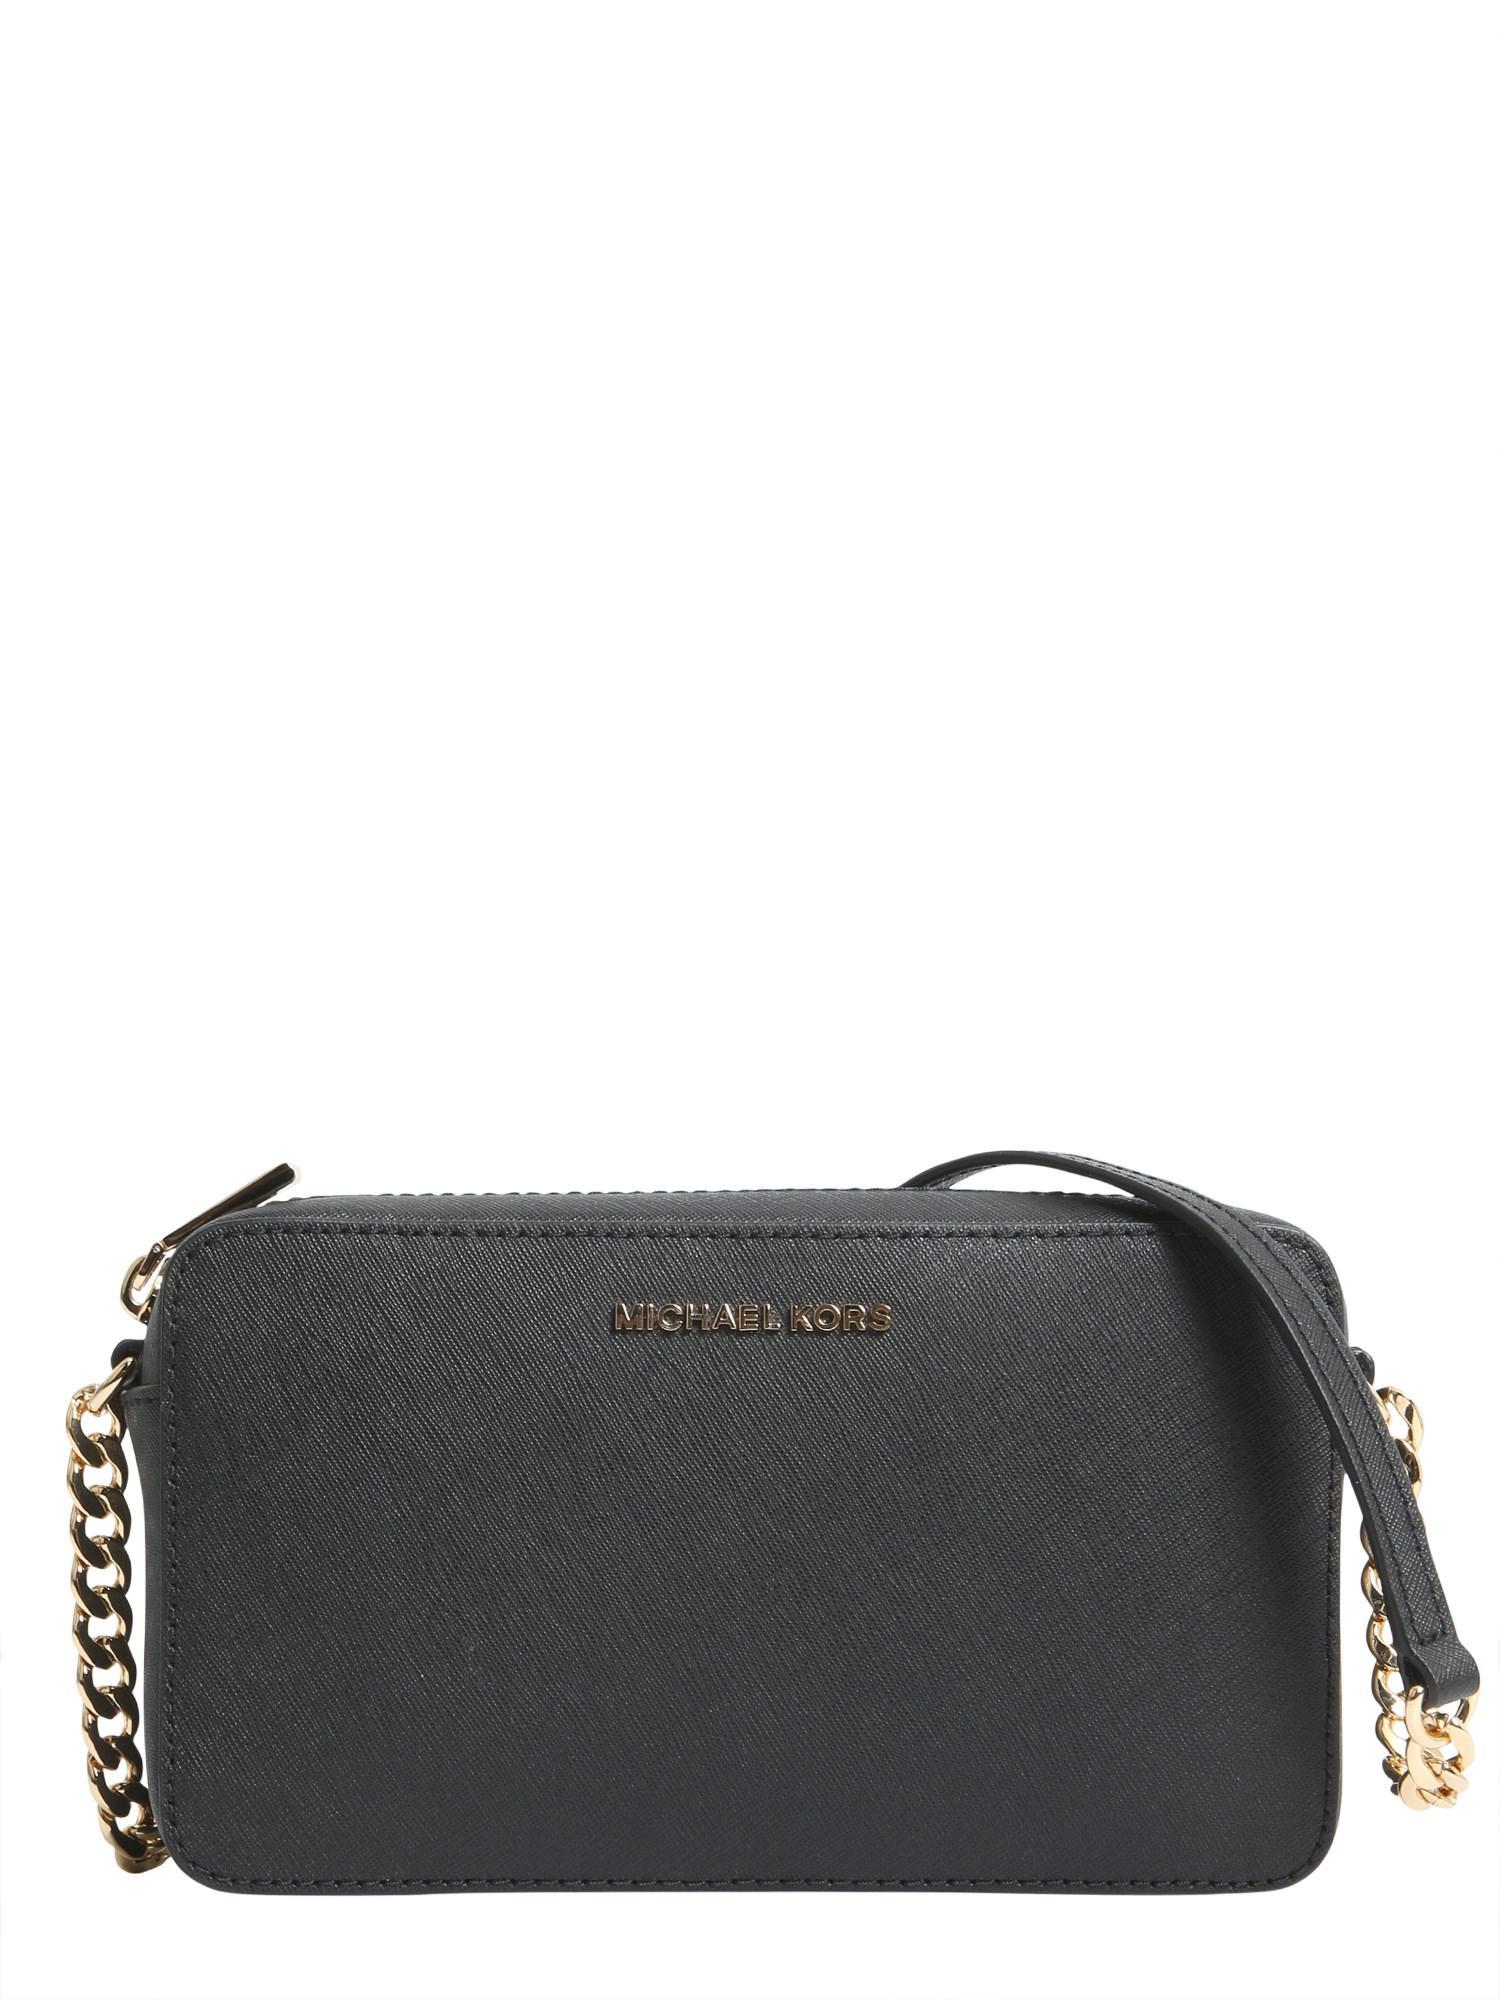 548c453d59a8 MICHAEL Michael Kors. Women s Black Jet Set Large Saffiano Leather Crossbody  Bag